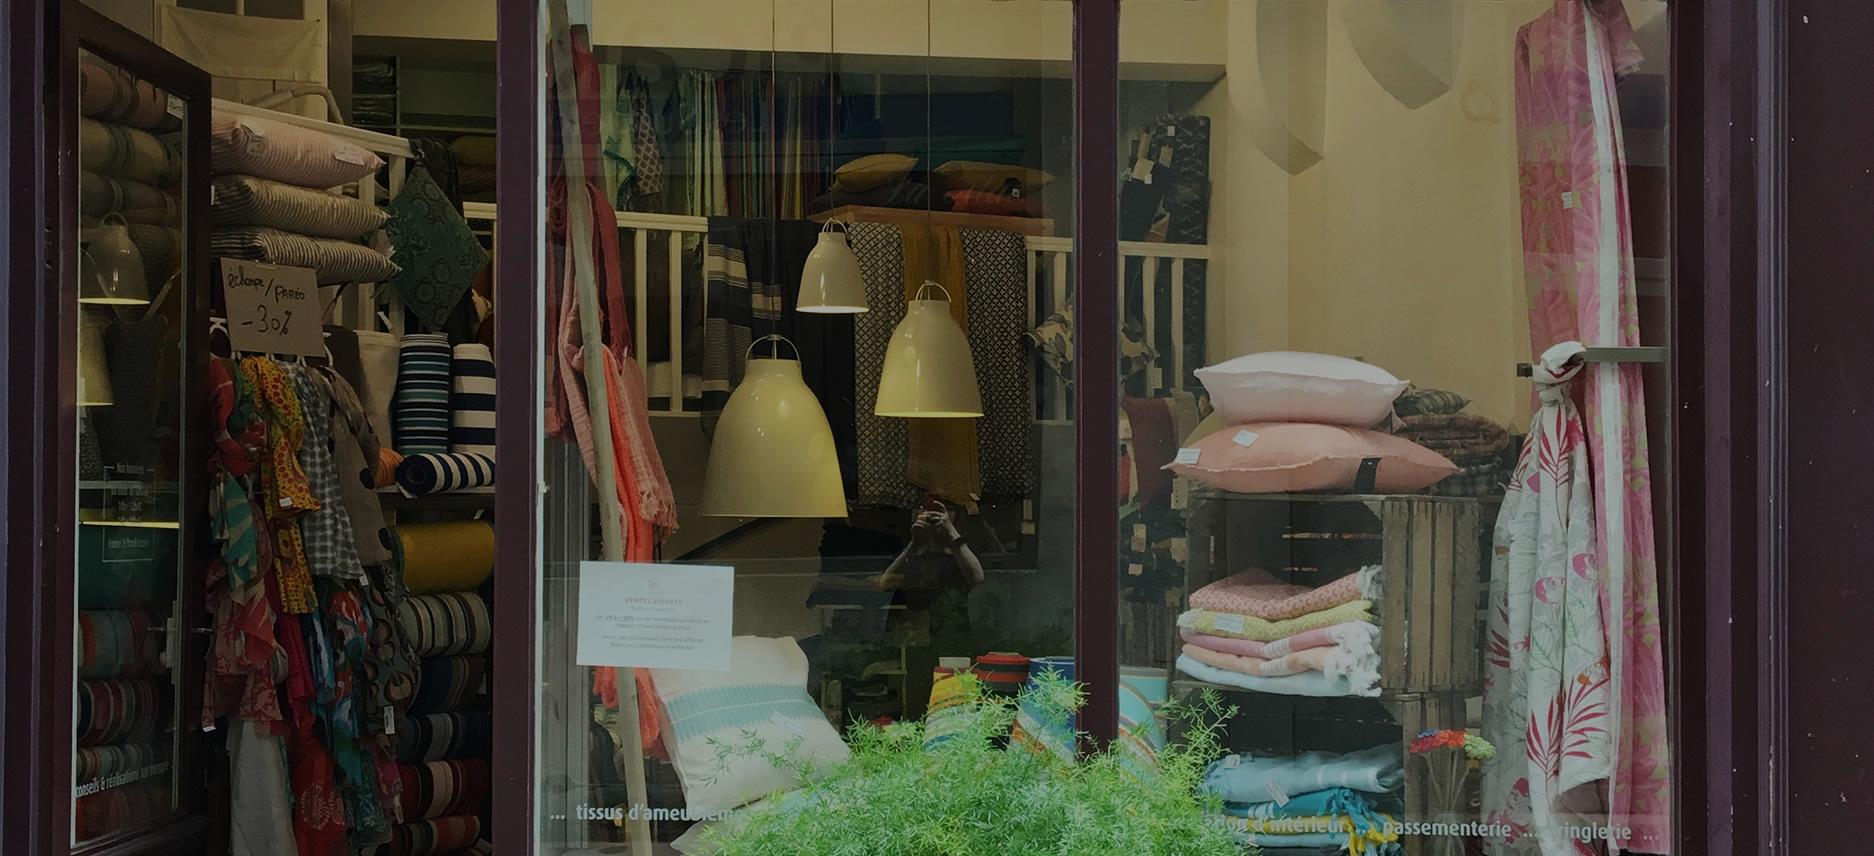 maison bouquieres toulouse tissus d 39 ameublement et d coration maison de bouqui res. Black Bedroom Furniture Sets. Home Design Ideas